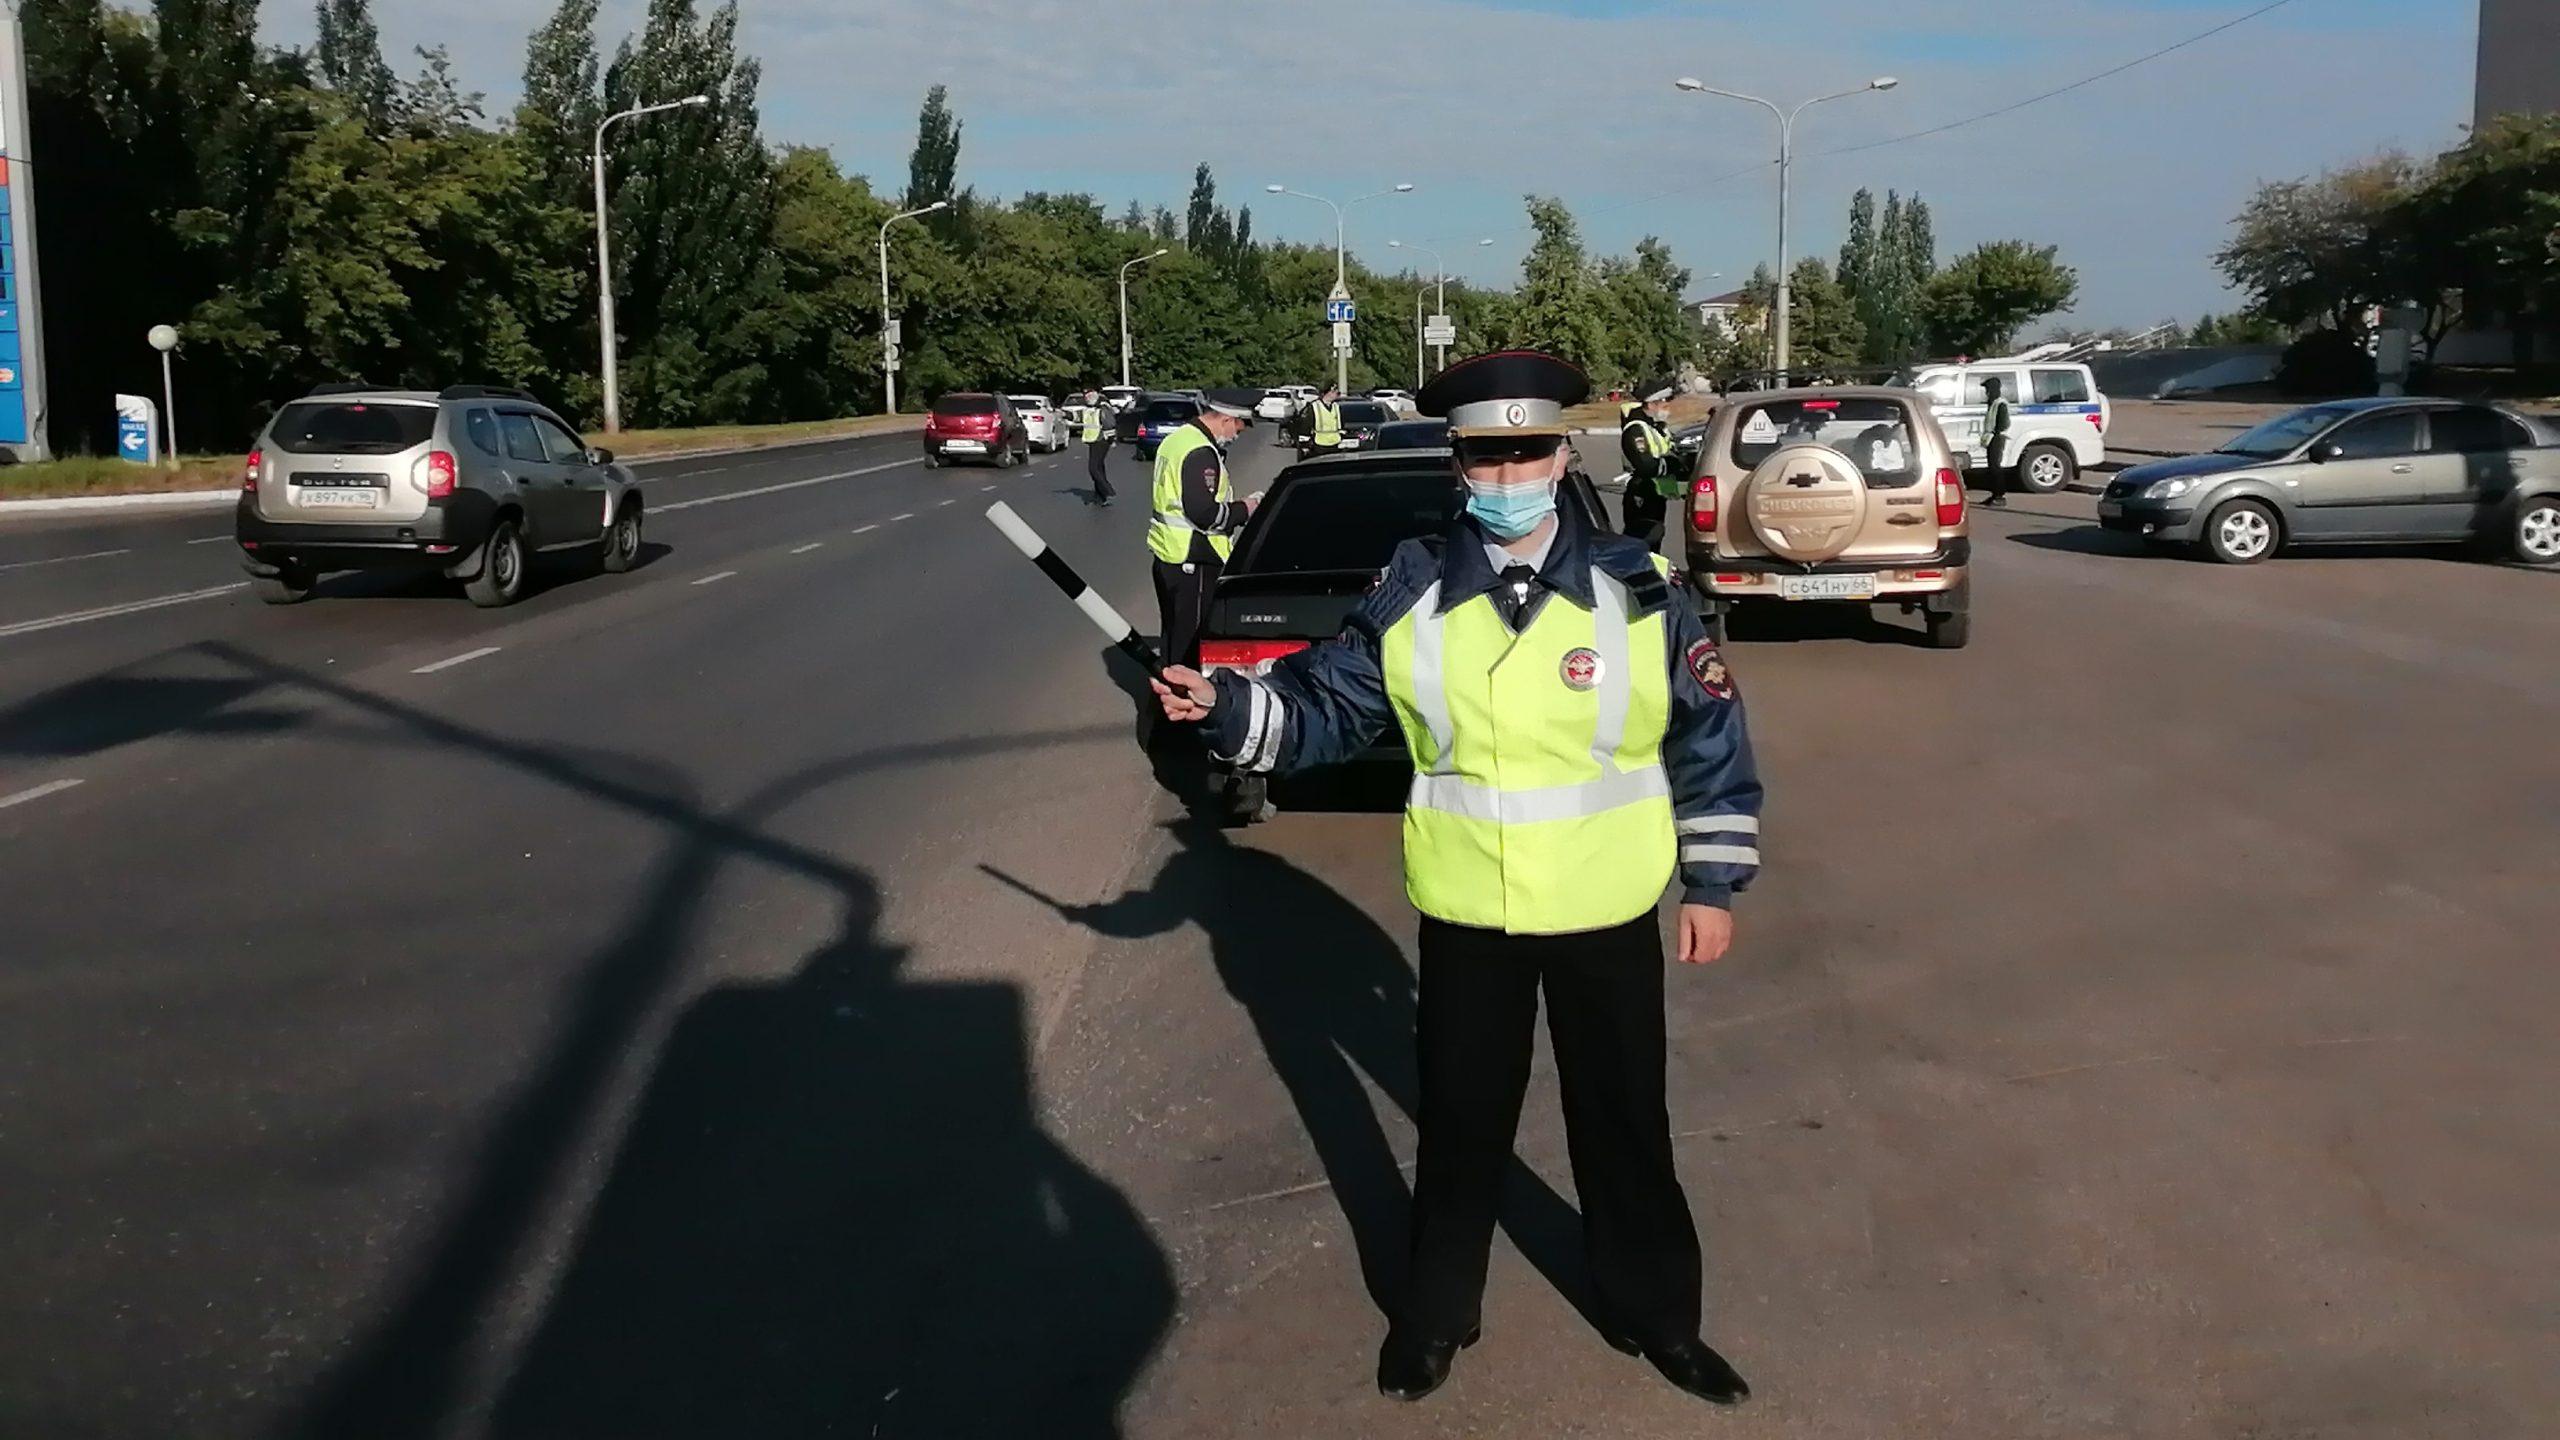 За три часа в Каменске-Уральском выявили за рулём одного пьяного водителя и пятерых без прав